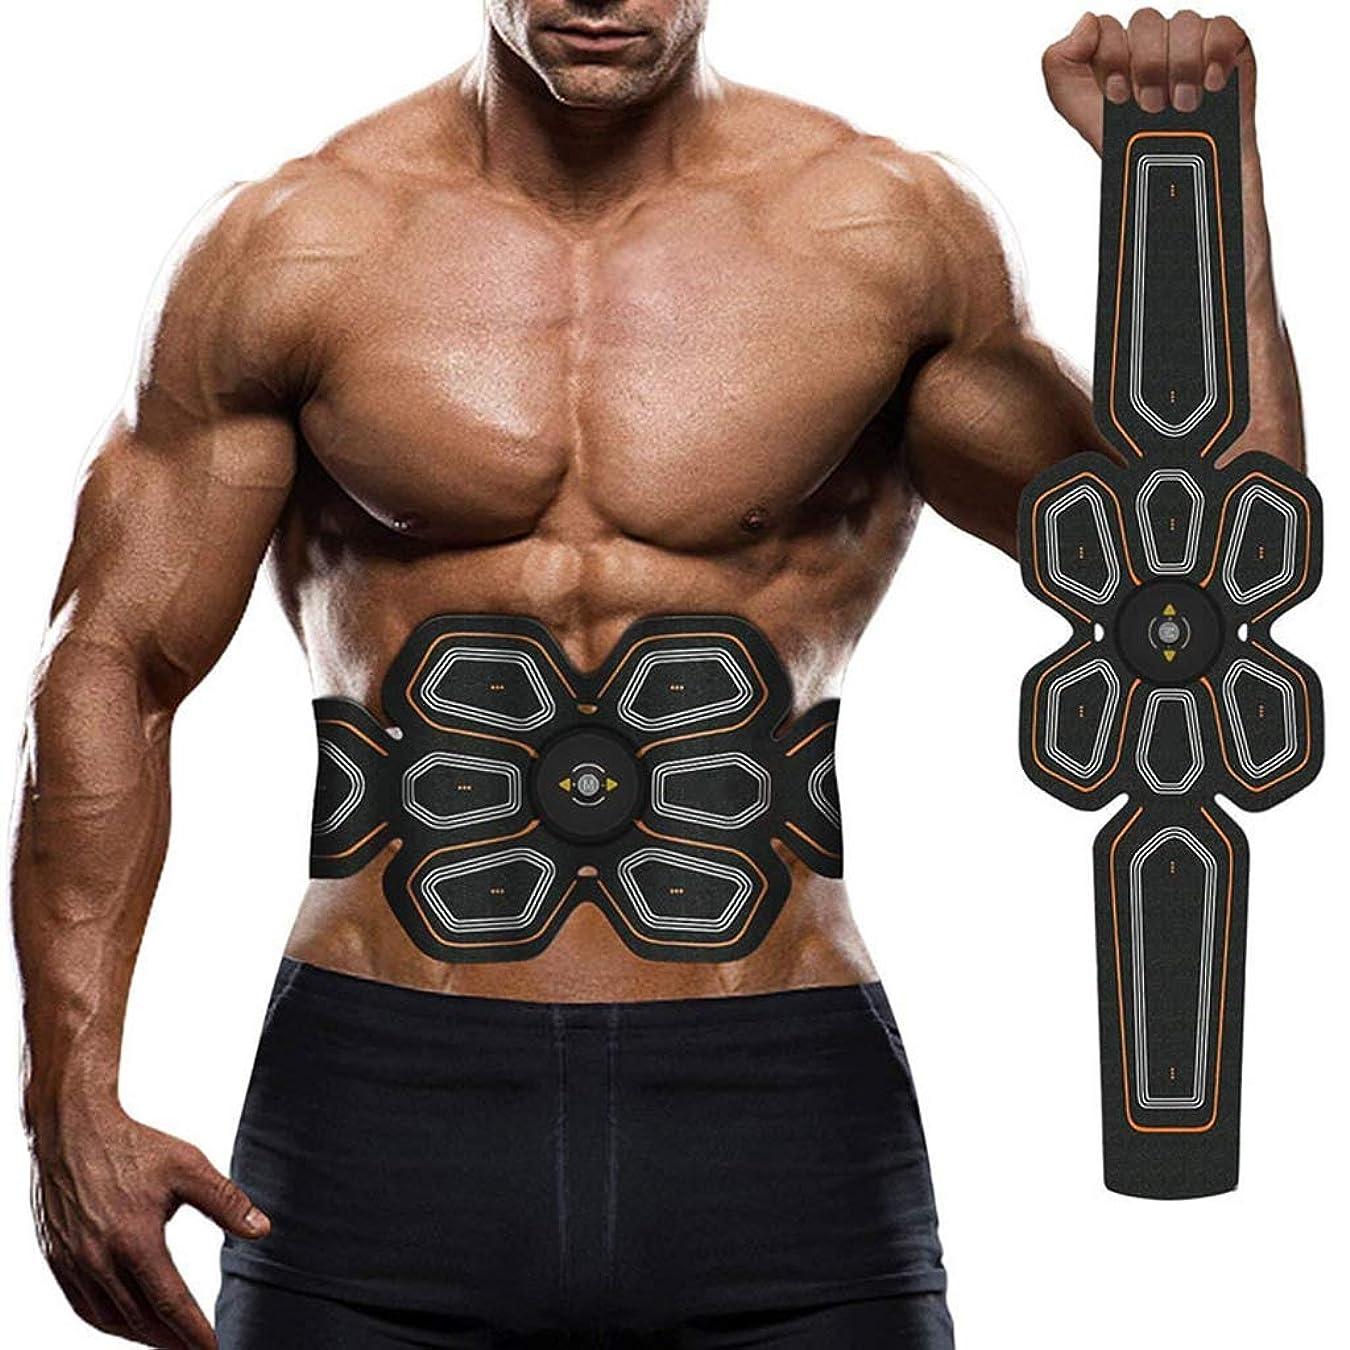 アルカトラズ島推論ブロックする電気腹部筋肉刺激装置、ABSウエストトレーナーフィットネス減量体重減少マッサージャー用男性と女性の脂肪燃焼